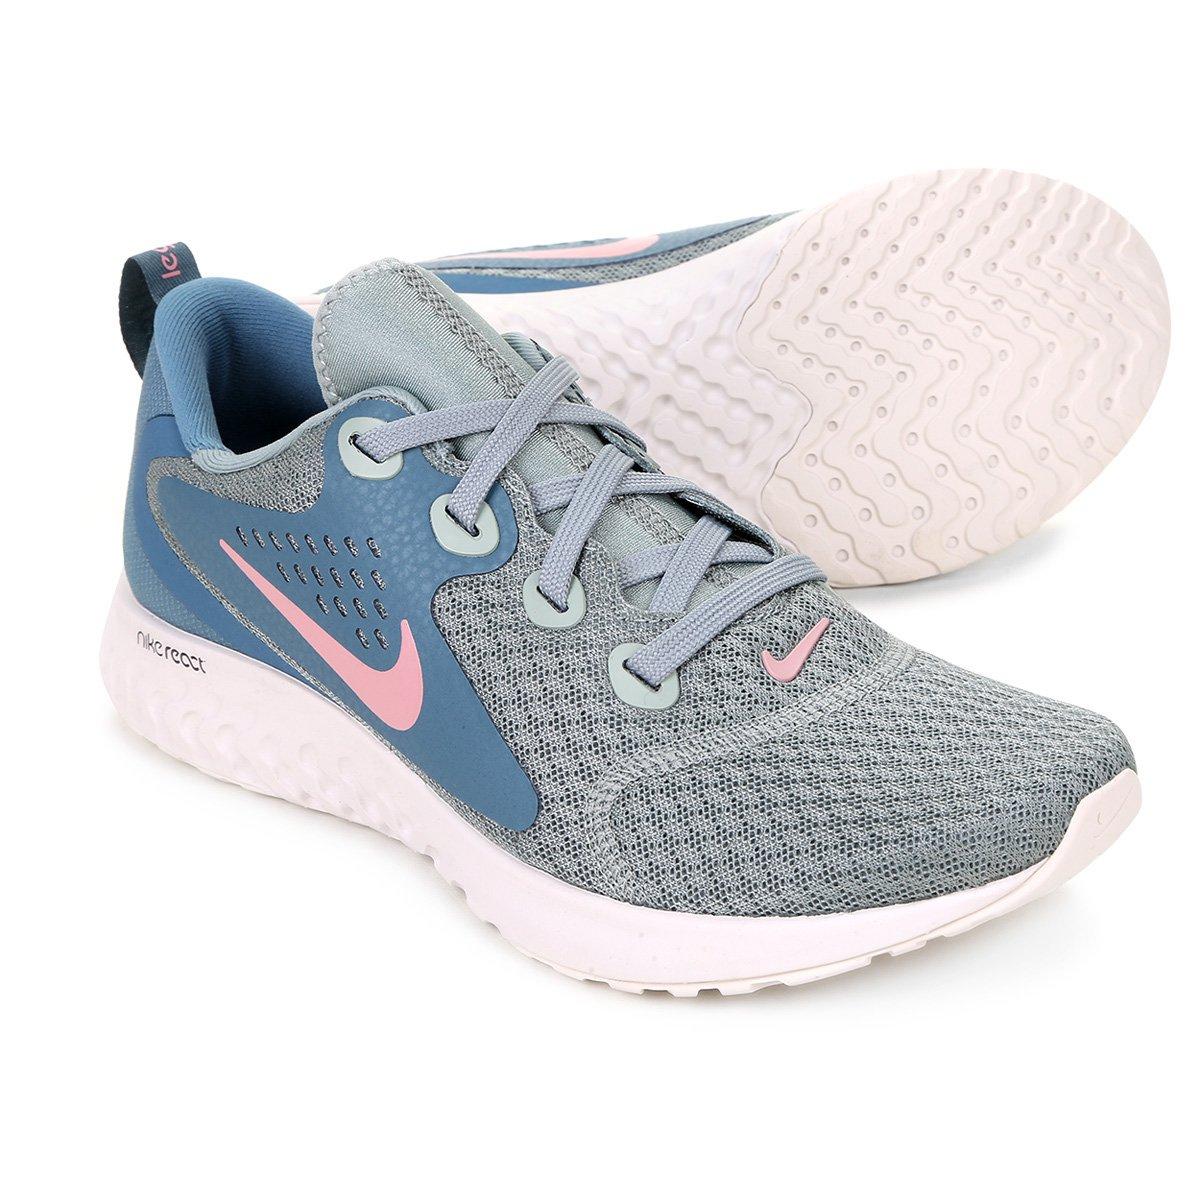 reputable site 8373f b8b62 Tênis Nike Legend React Feminino - Verde e Rosa - Compre Agora  Netshoes